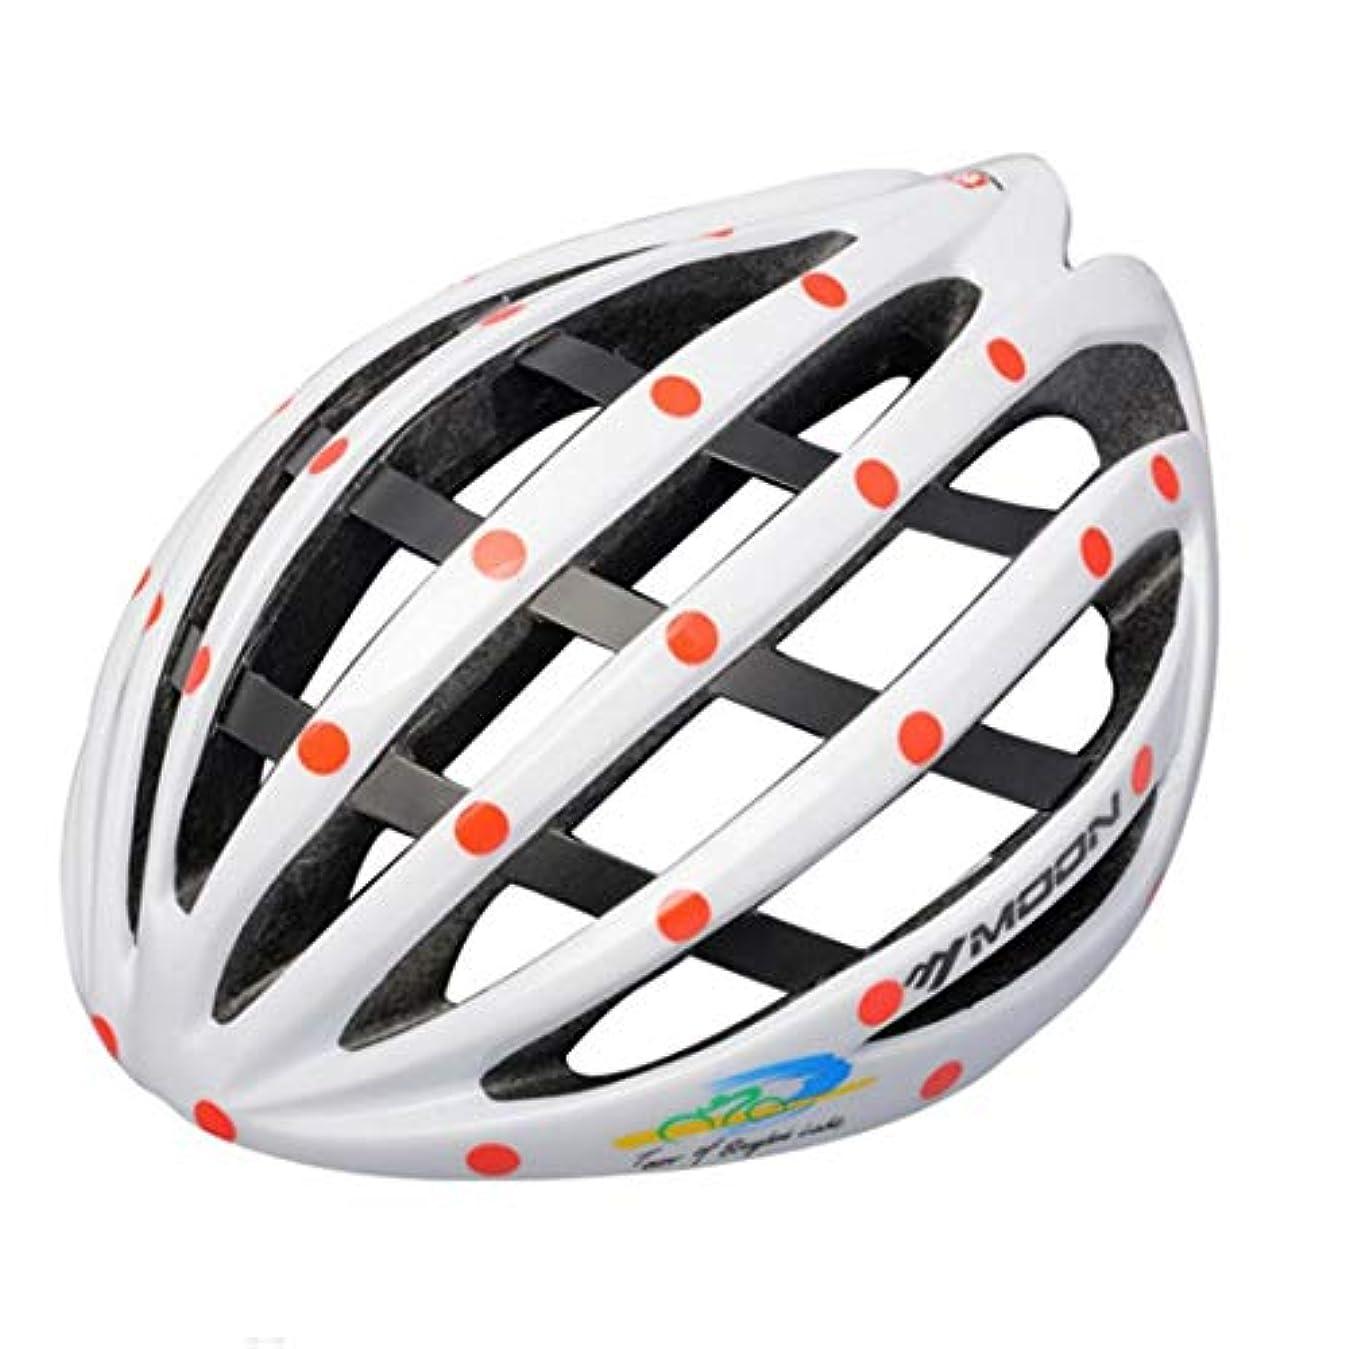 灌漑好きである静脈CAFUTY 自転車用ヘルメット、屋外用サイクリング愛好家に最適な自転車用安全ヘルメット。 (Color : ホワイト, サイズ : M)